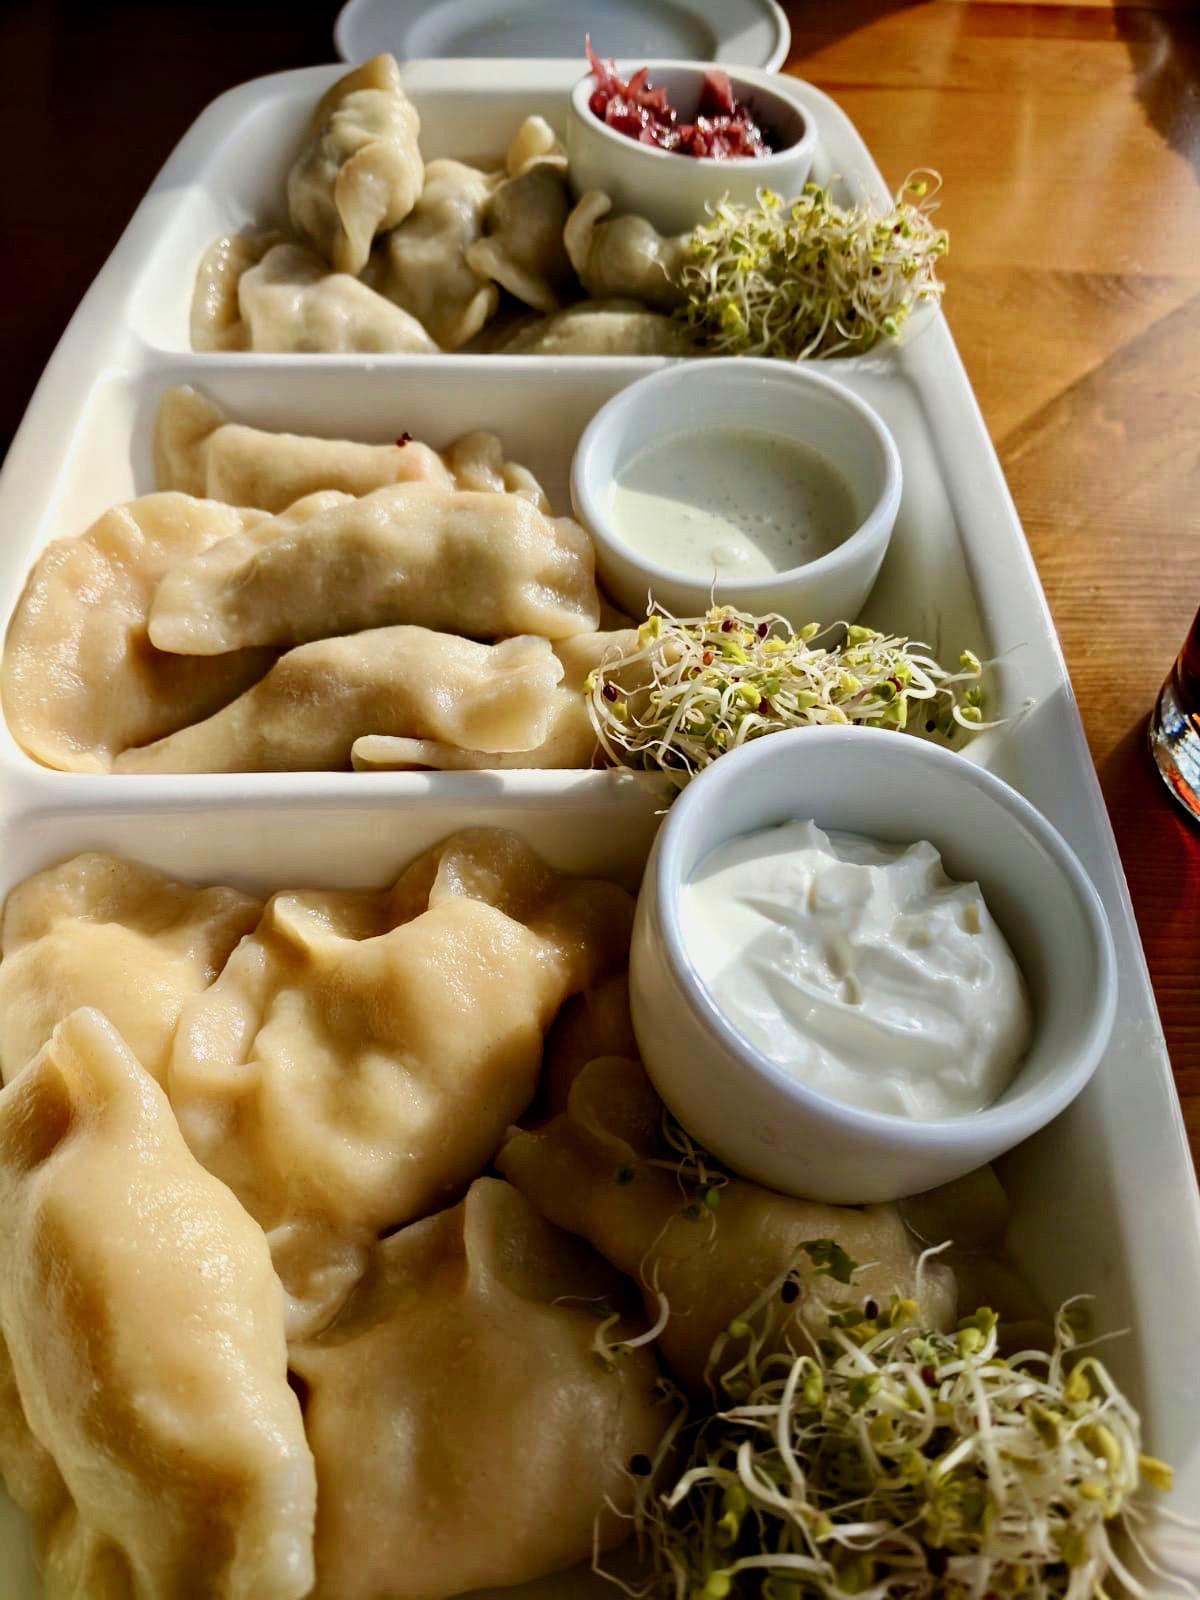 A platter of pierogies eaten in Gdansk in eastern europe